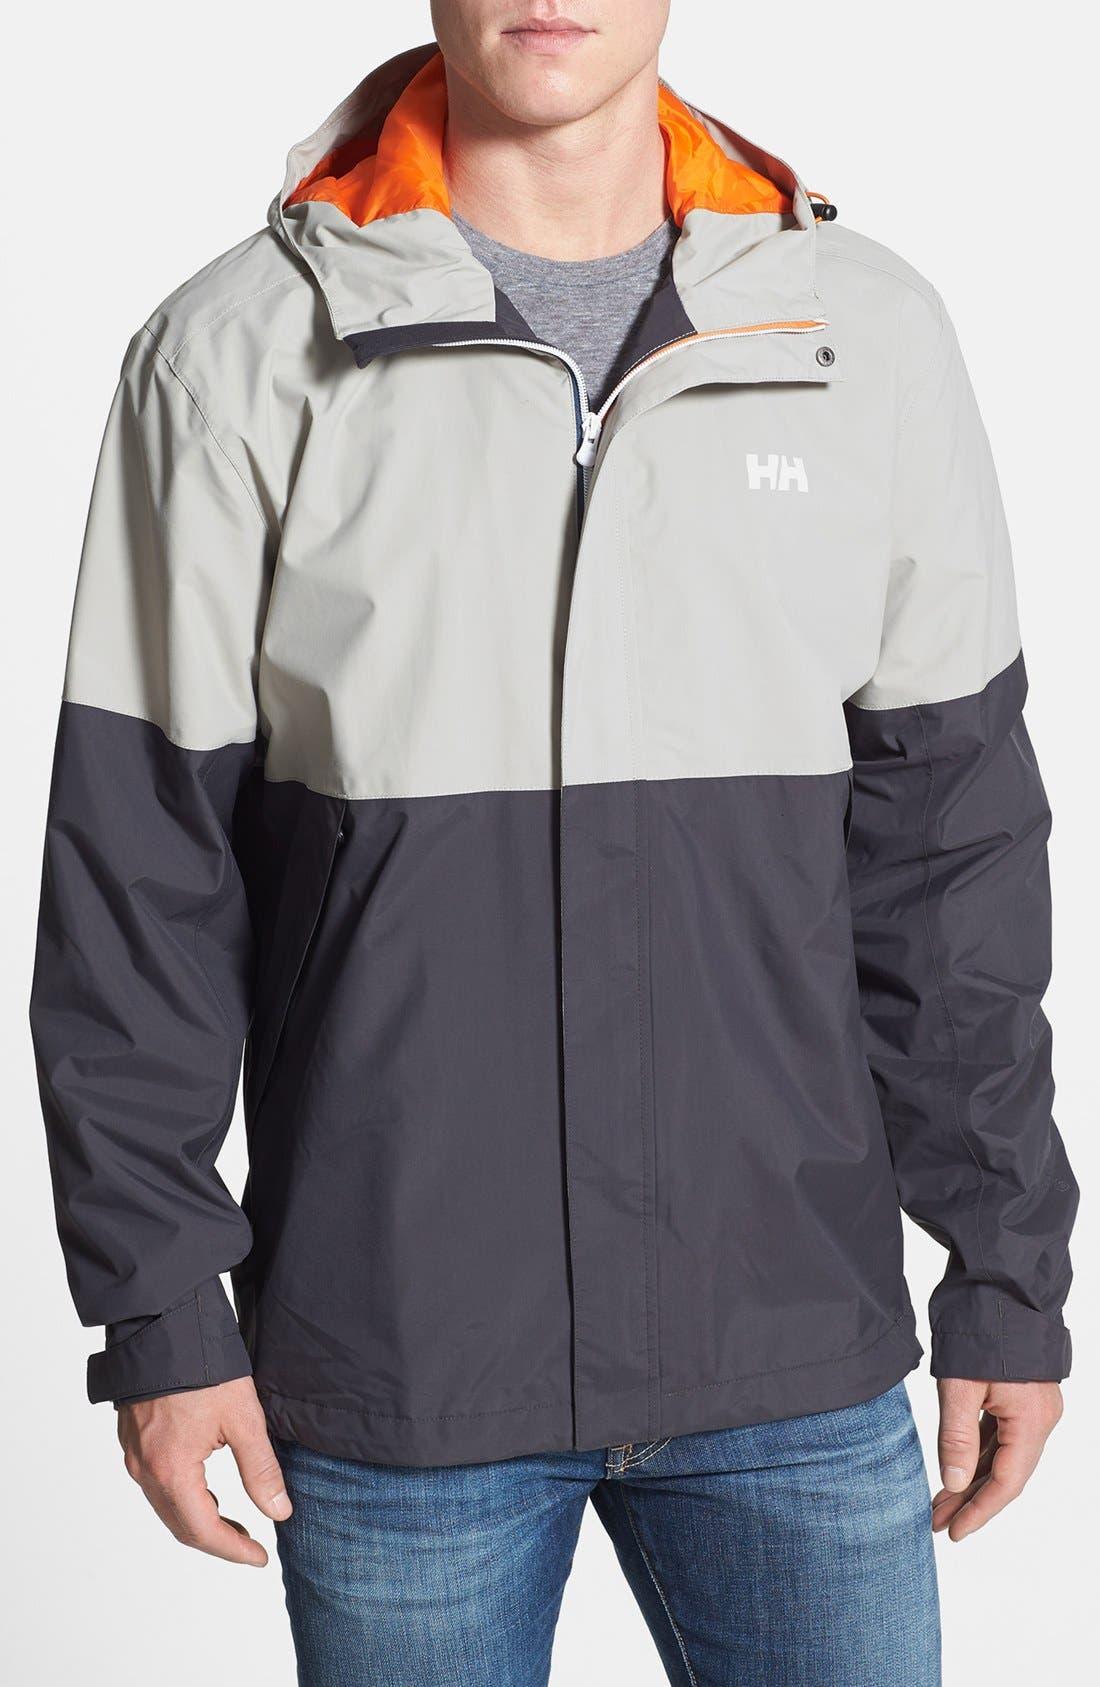 Alternate Image 1 Selected - Helly Hansen 'Fremont' Waterproof Rain Jacket